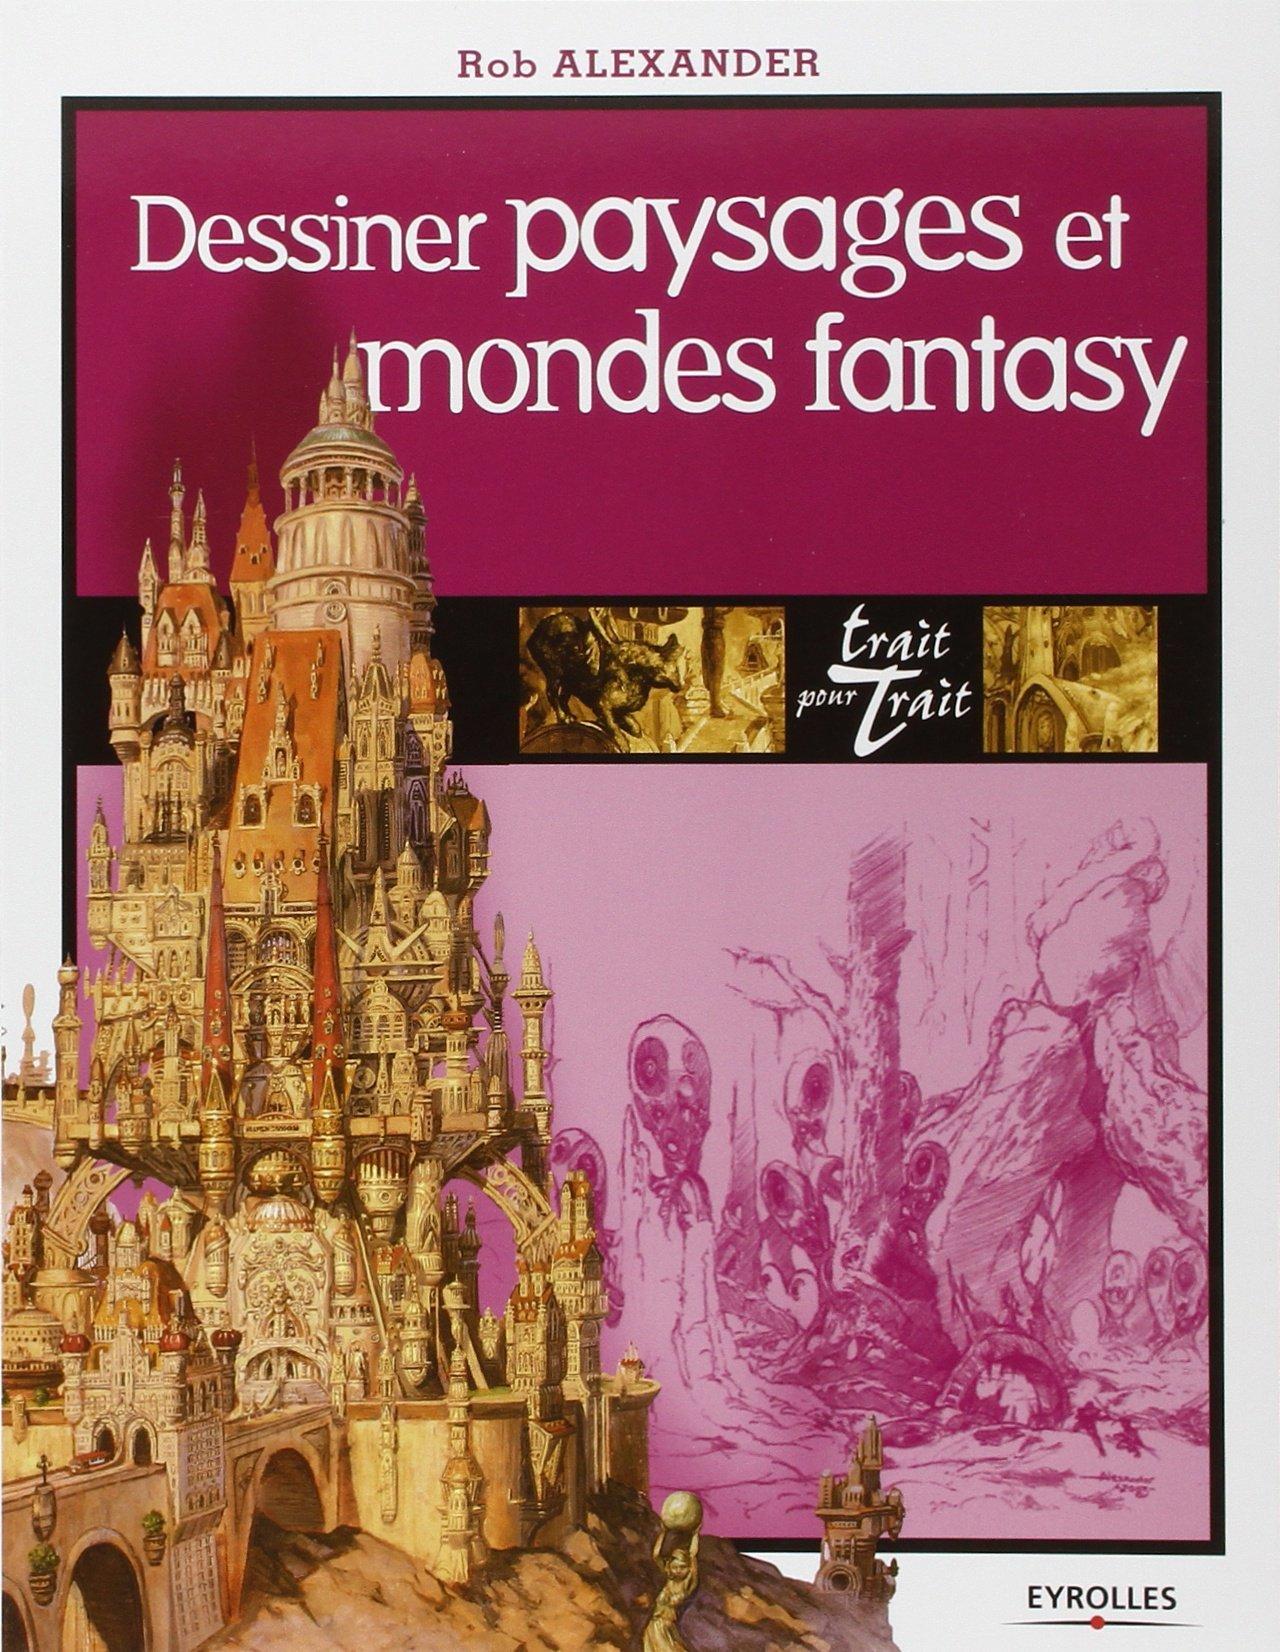 Dessiner paysages et mondes Fantasy !!